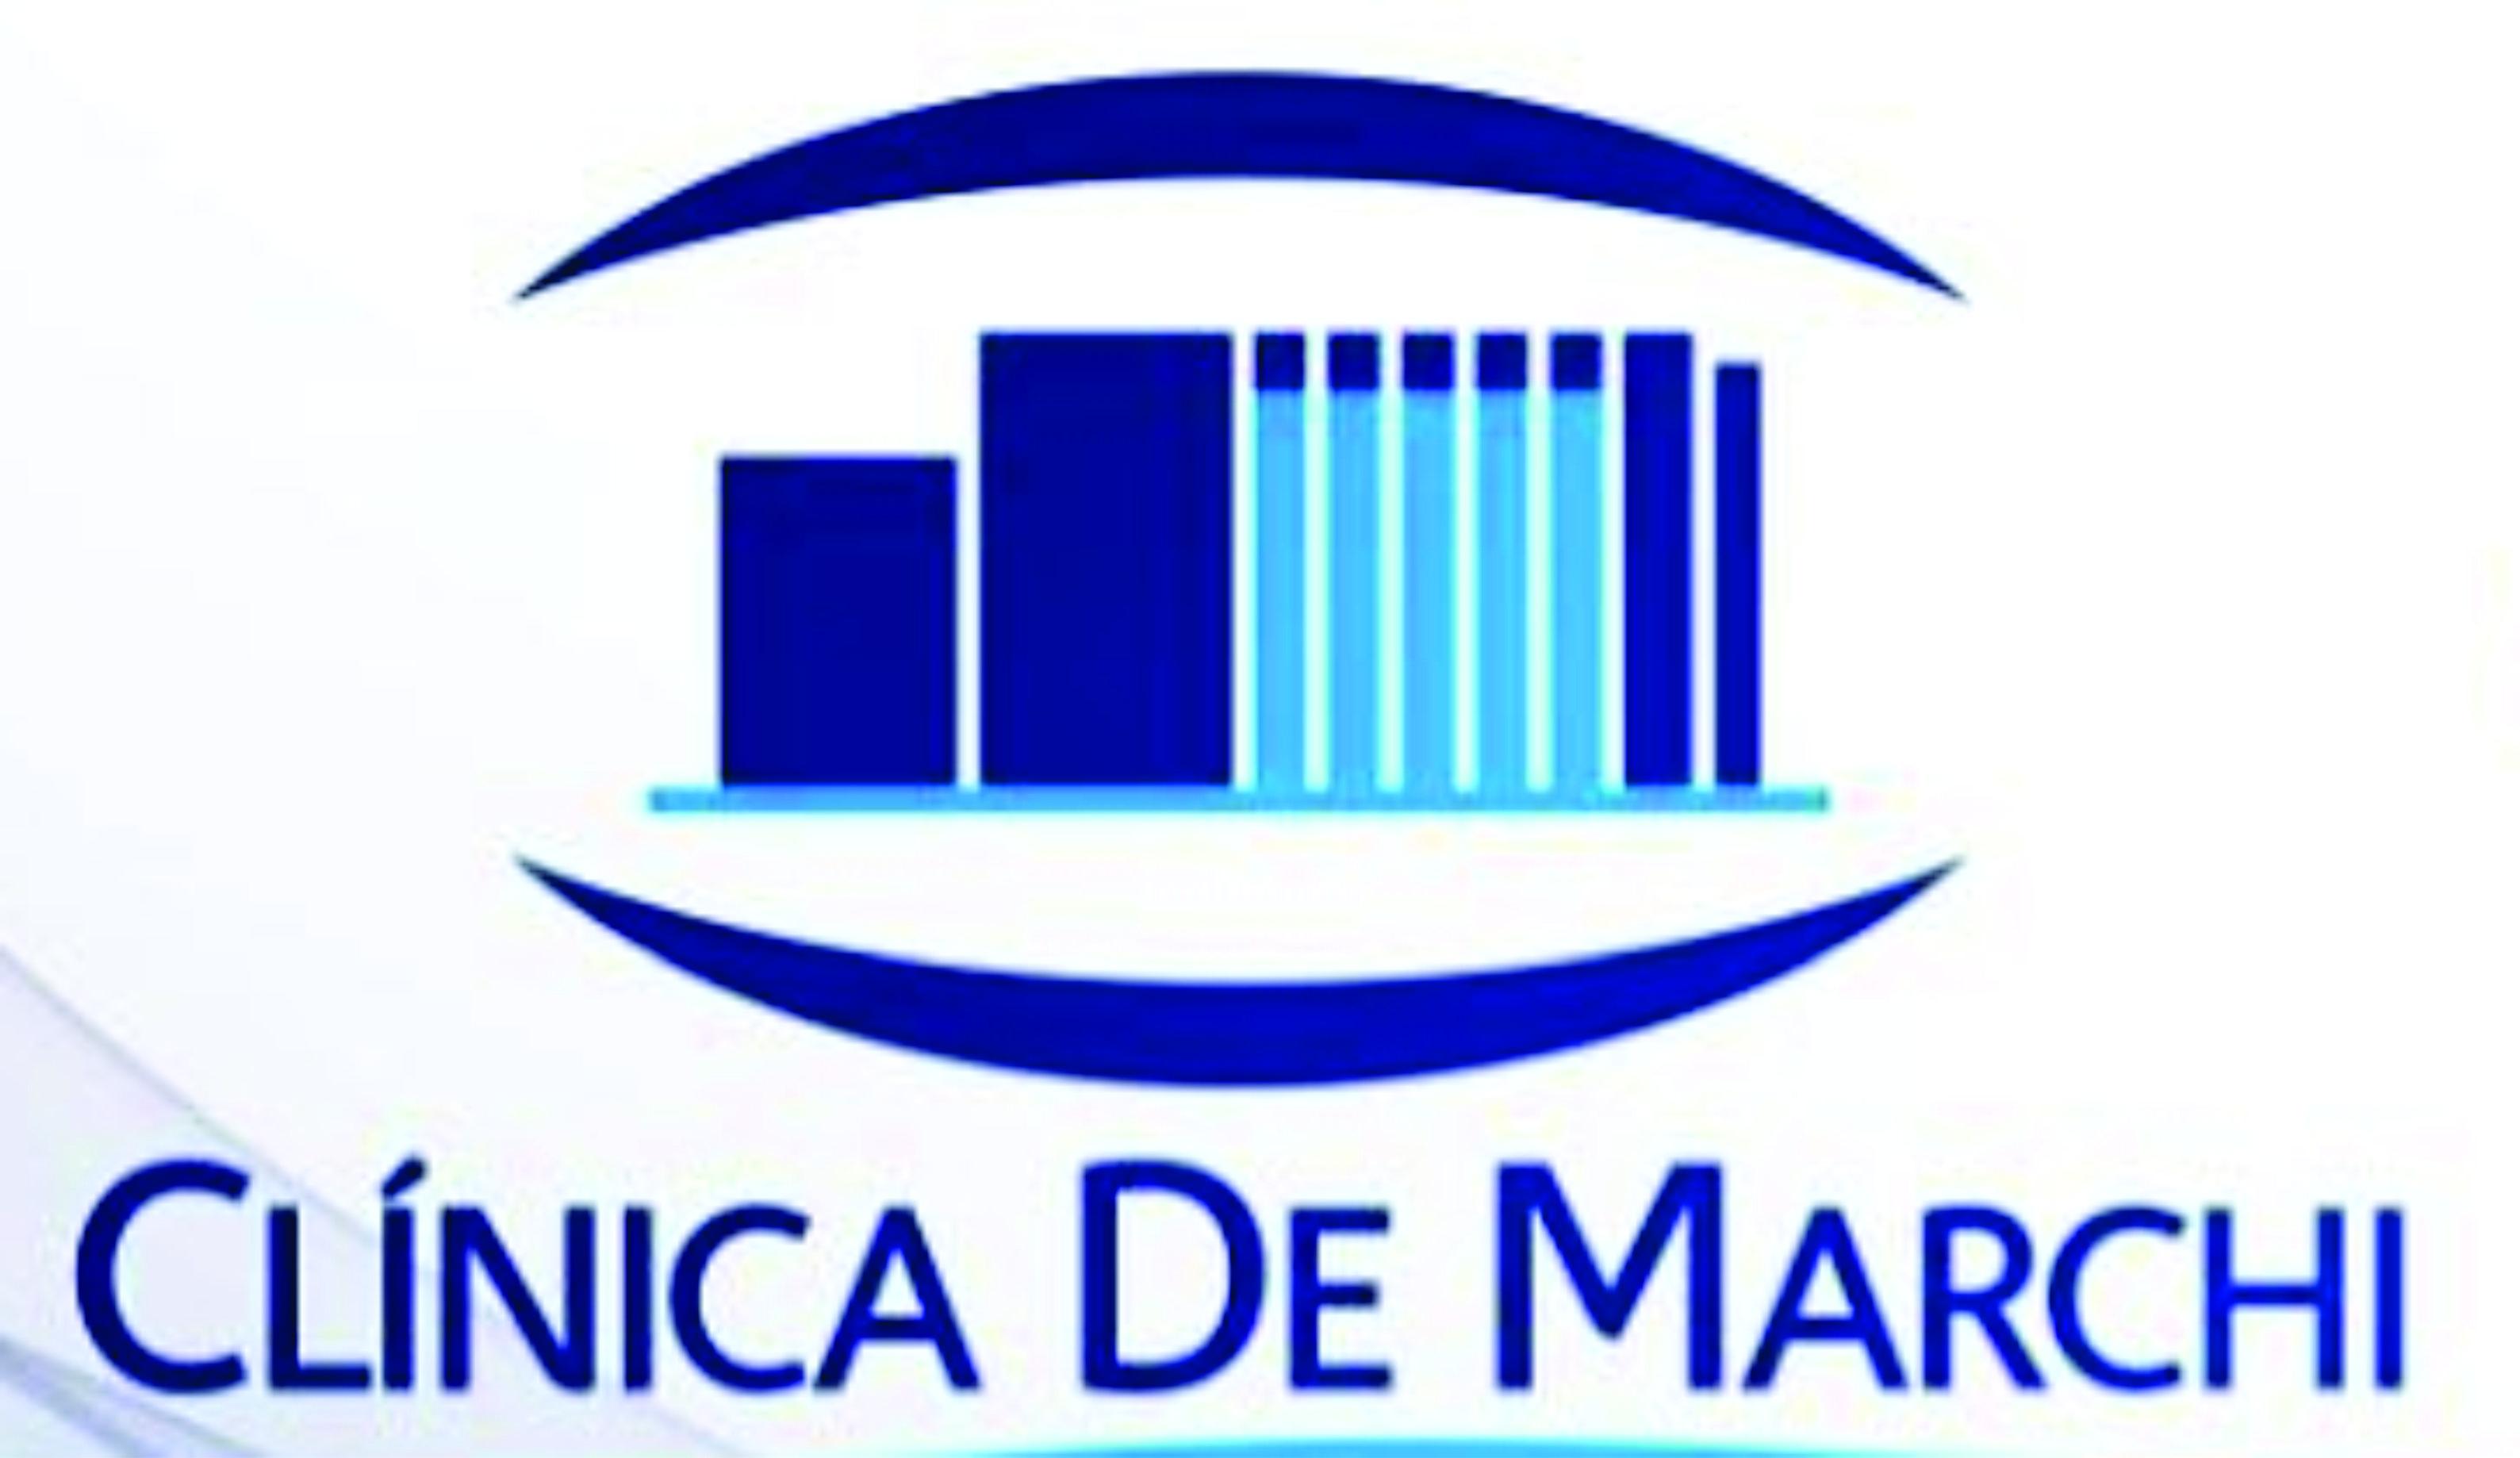 Clinica de Marchi